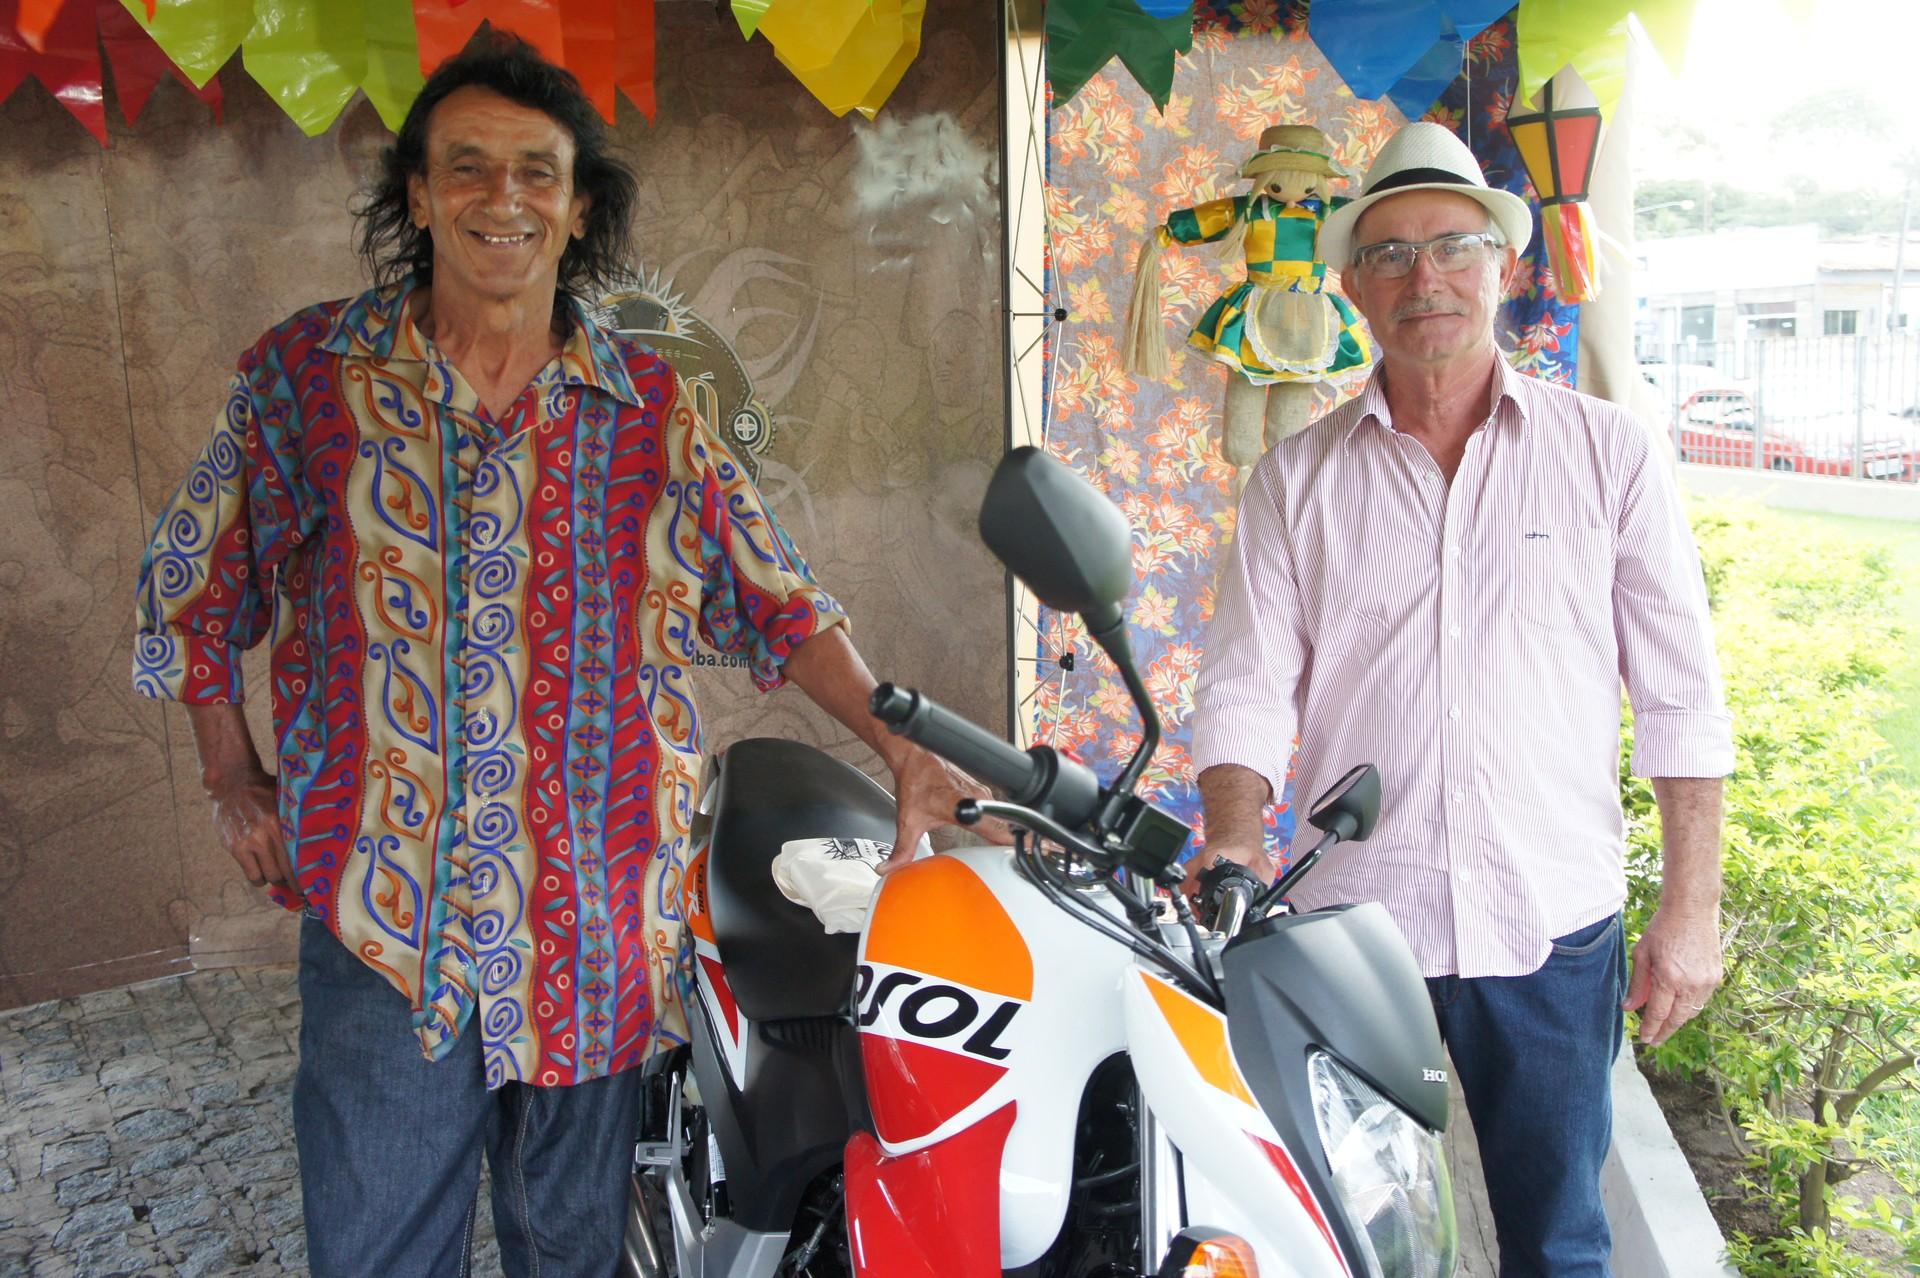 Jairo Madruga e Fábio smith foram os grandes vencedores desta edição (Foto: Daniel Sousa/TV Cabo Branco)